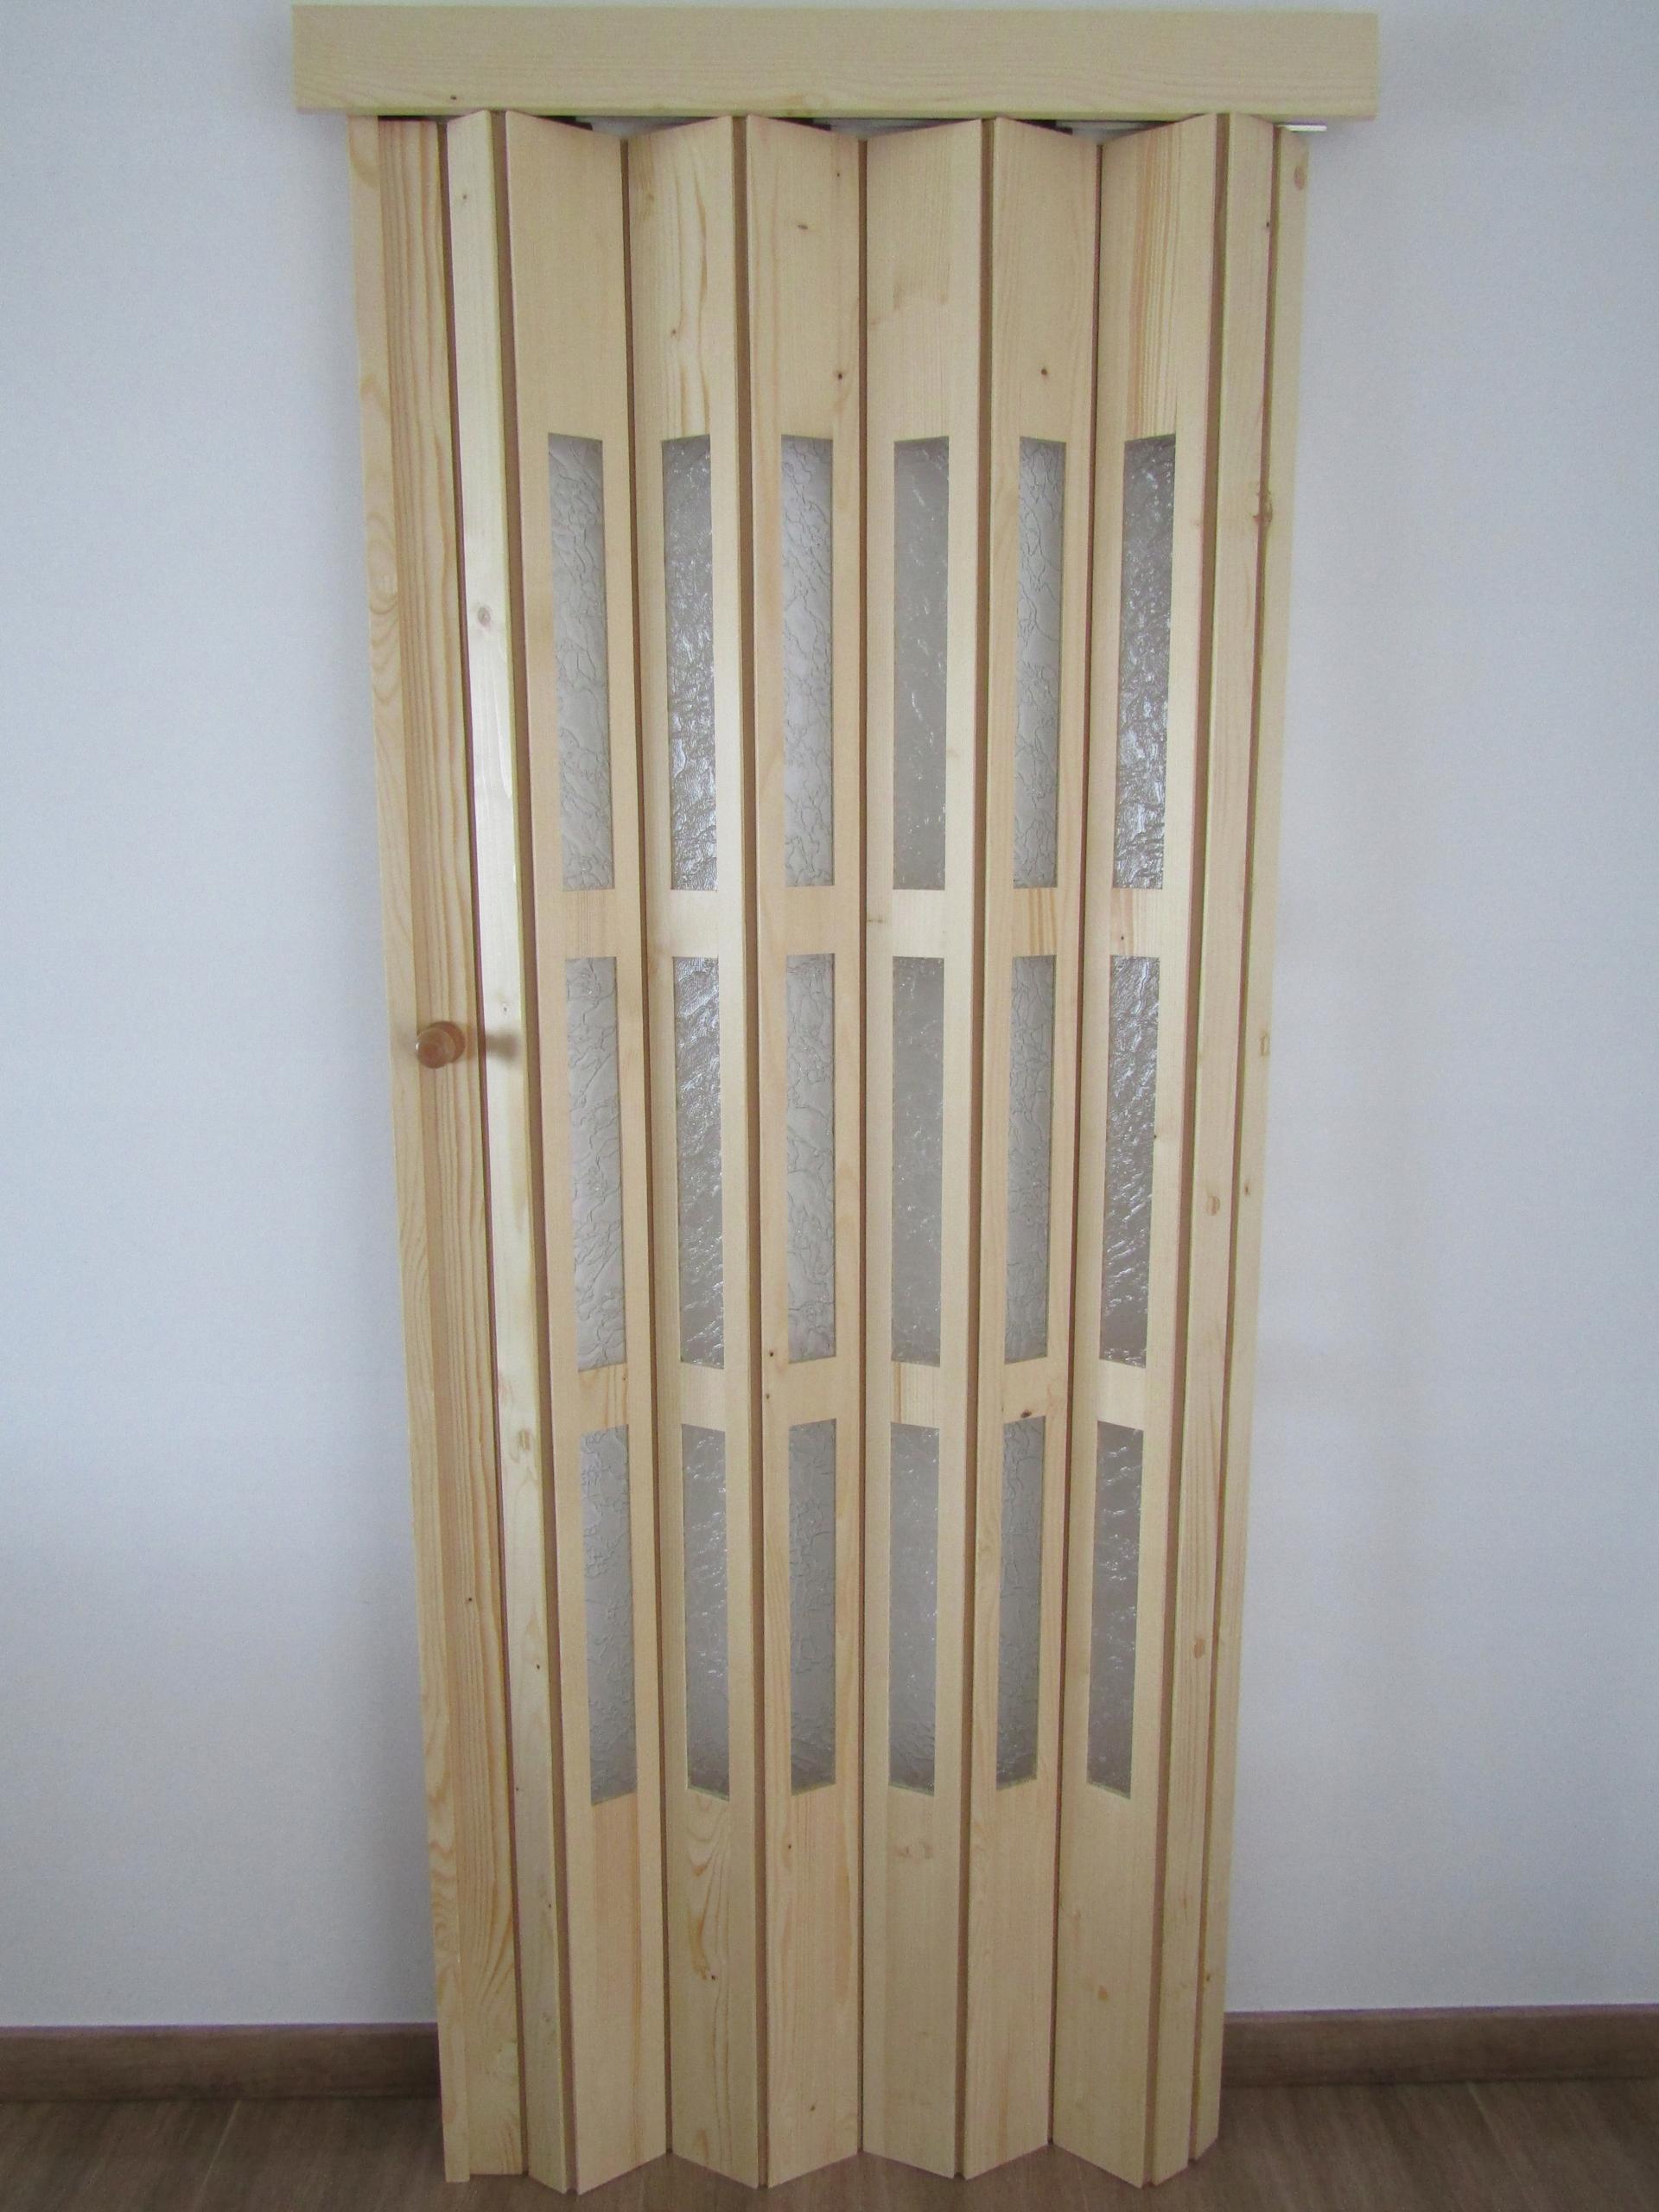 Solidne Drzwi Harmonijkowe Drewniane Wymiary Kolor 7398600485 Allegro Pl